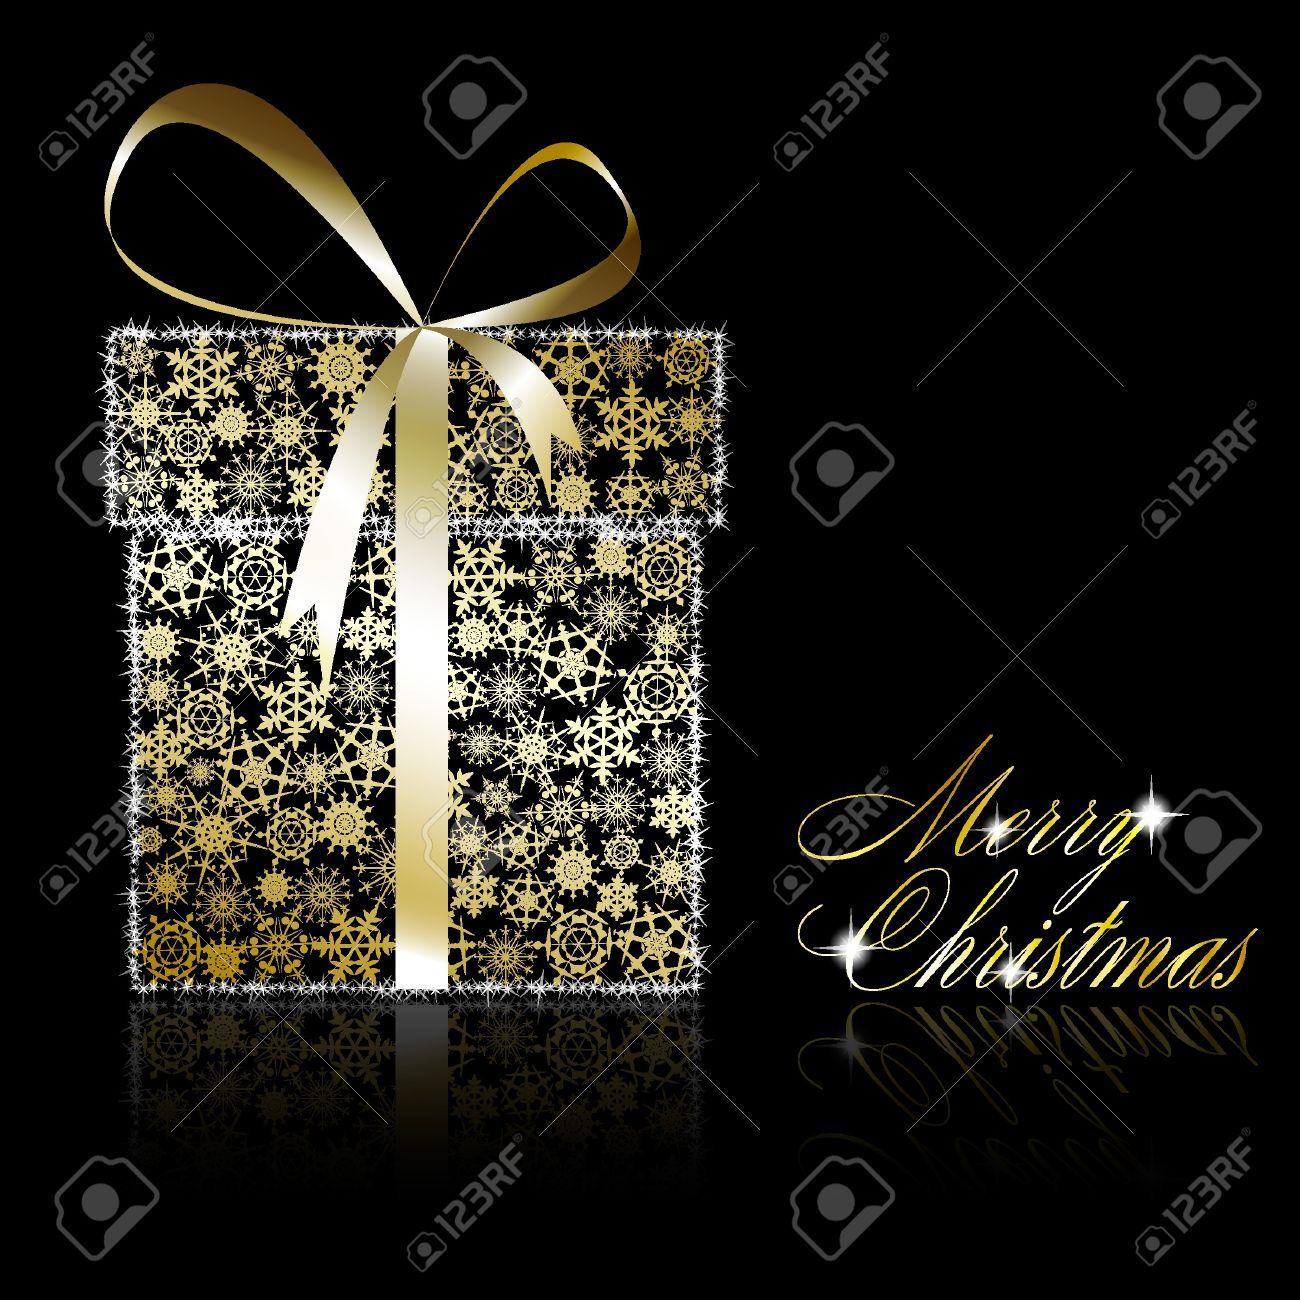 christmas gift box stock photos royalty free christmas gift box